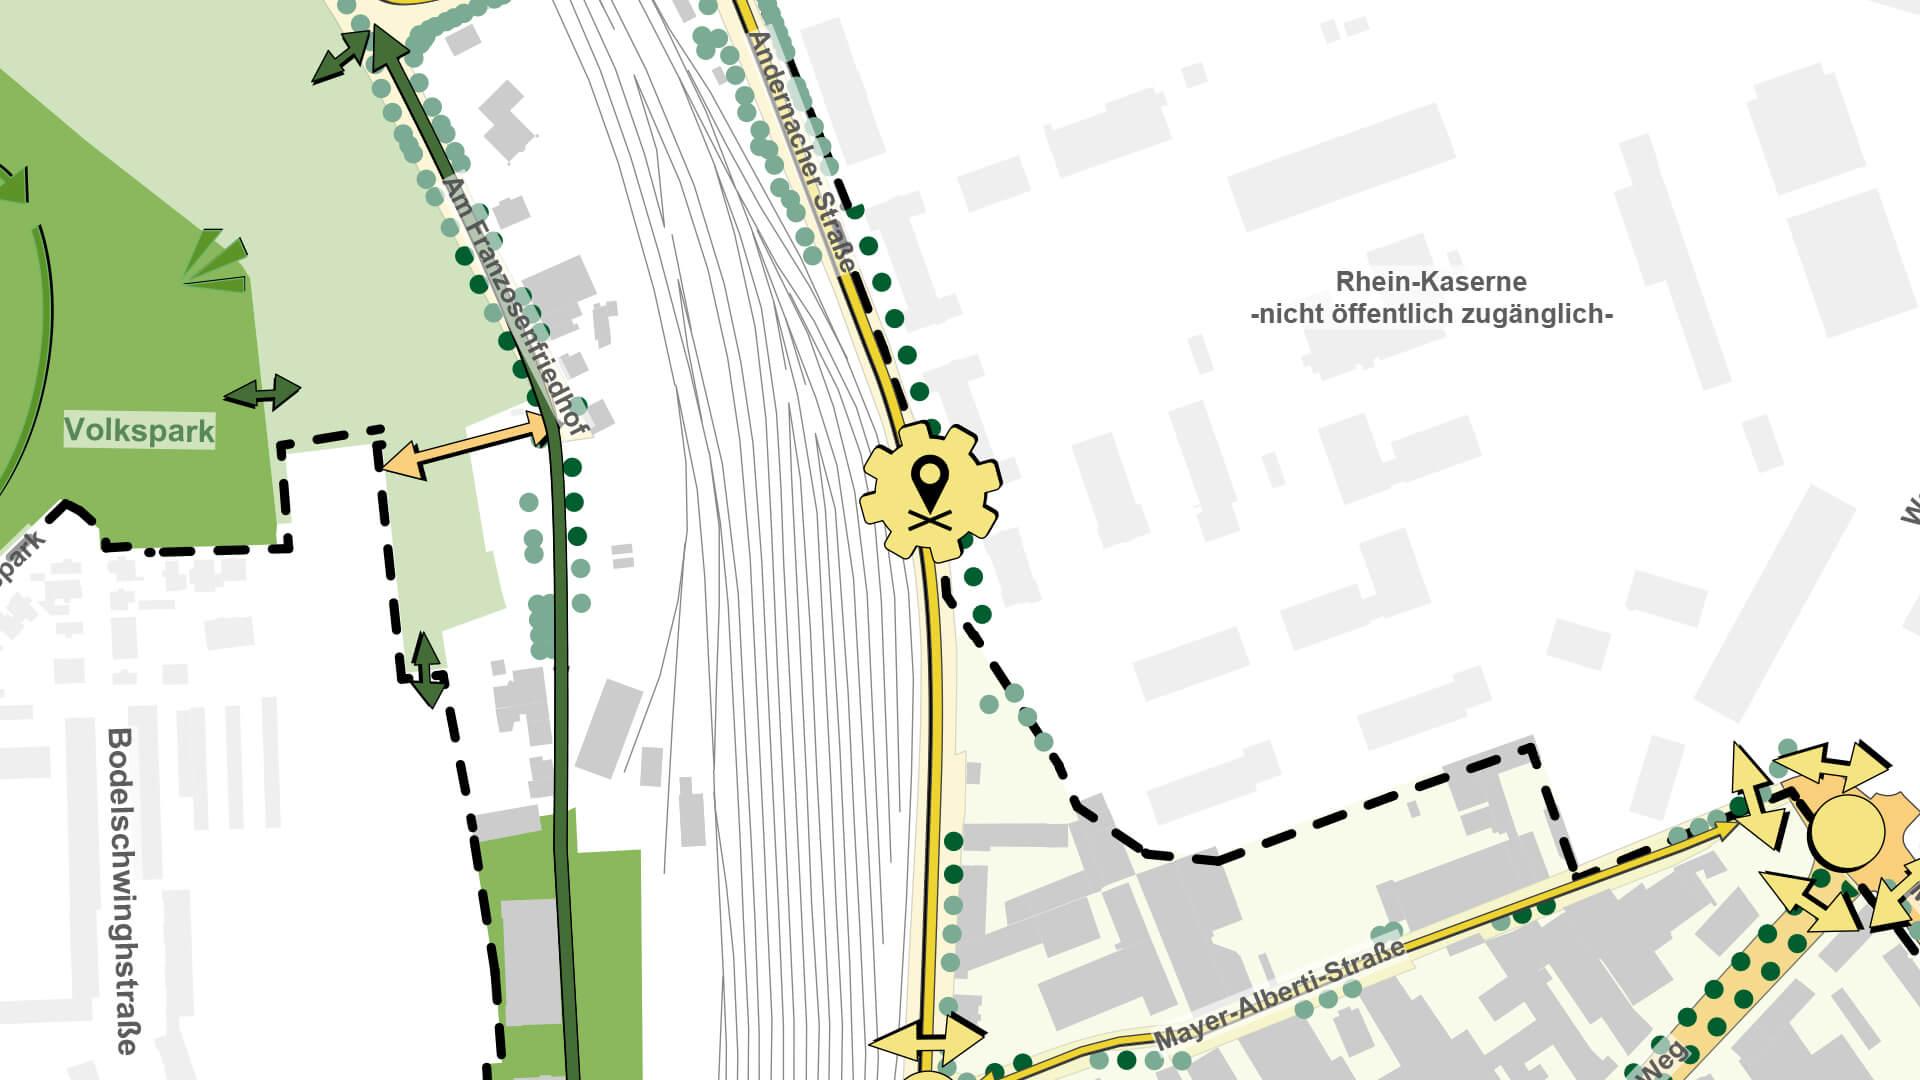 koblenz-luetzel-projekte-detail-2-3-1